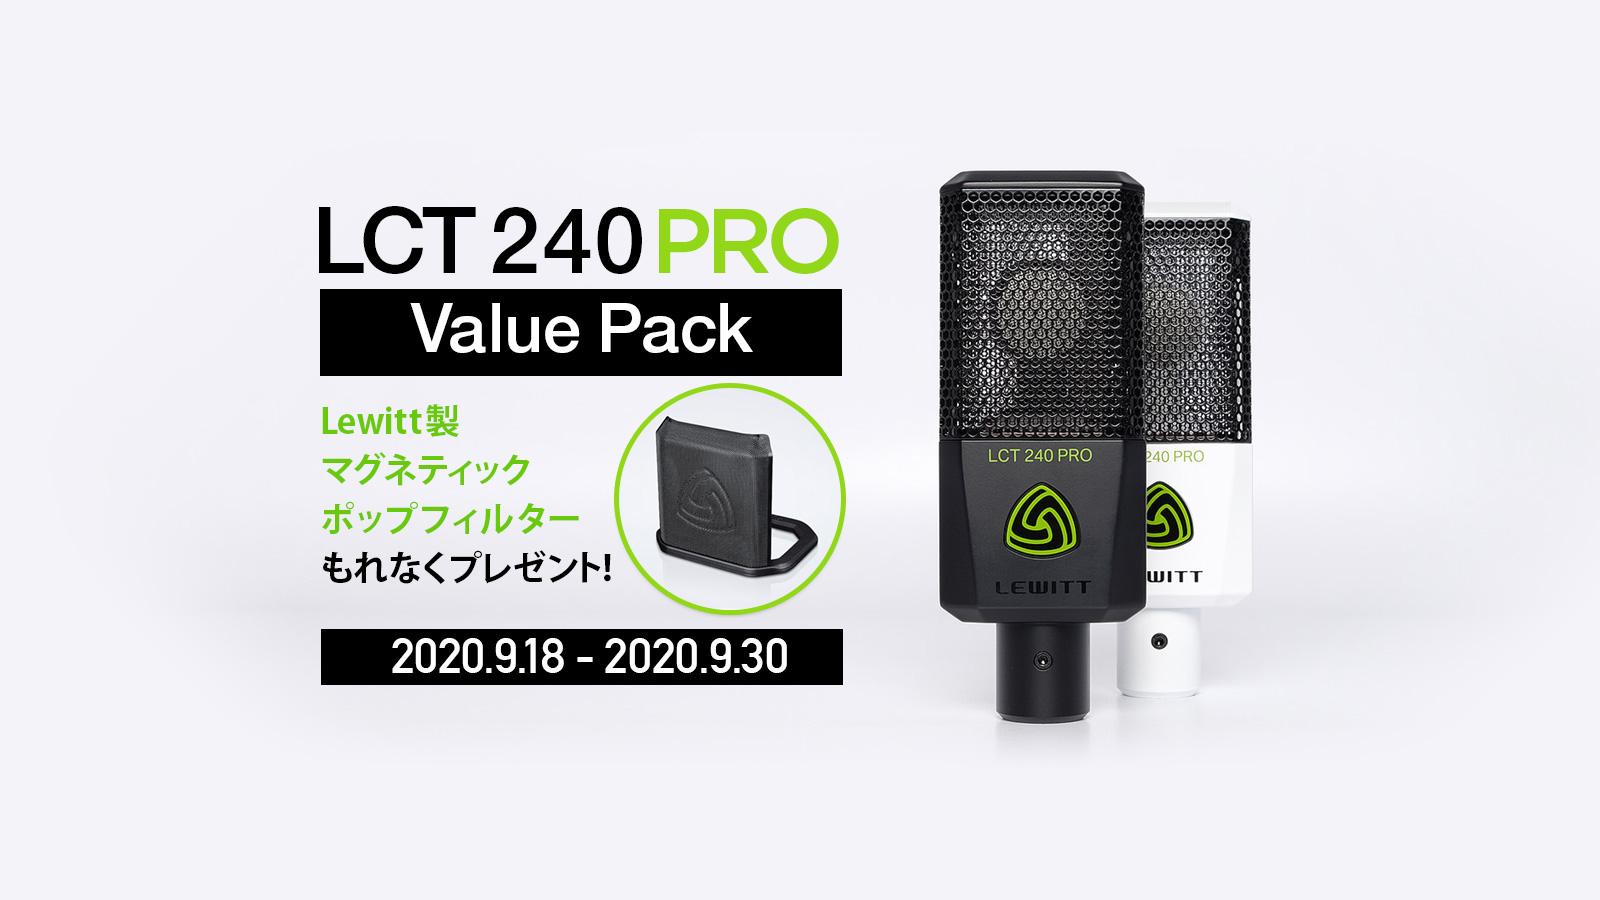 LCT240 Pro購入でショックマウント&ポップフィルターがついてくる!